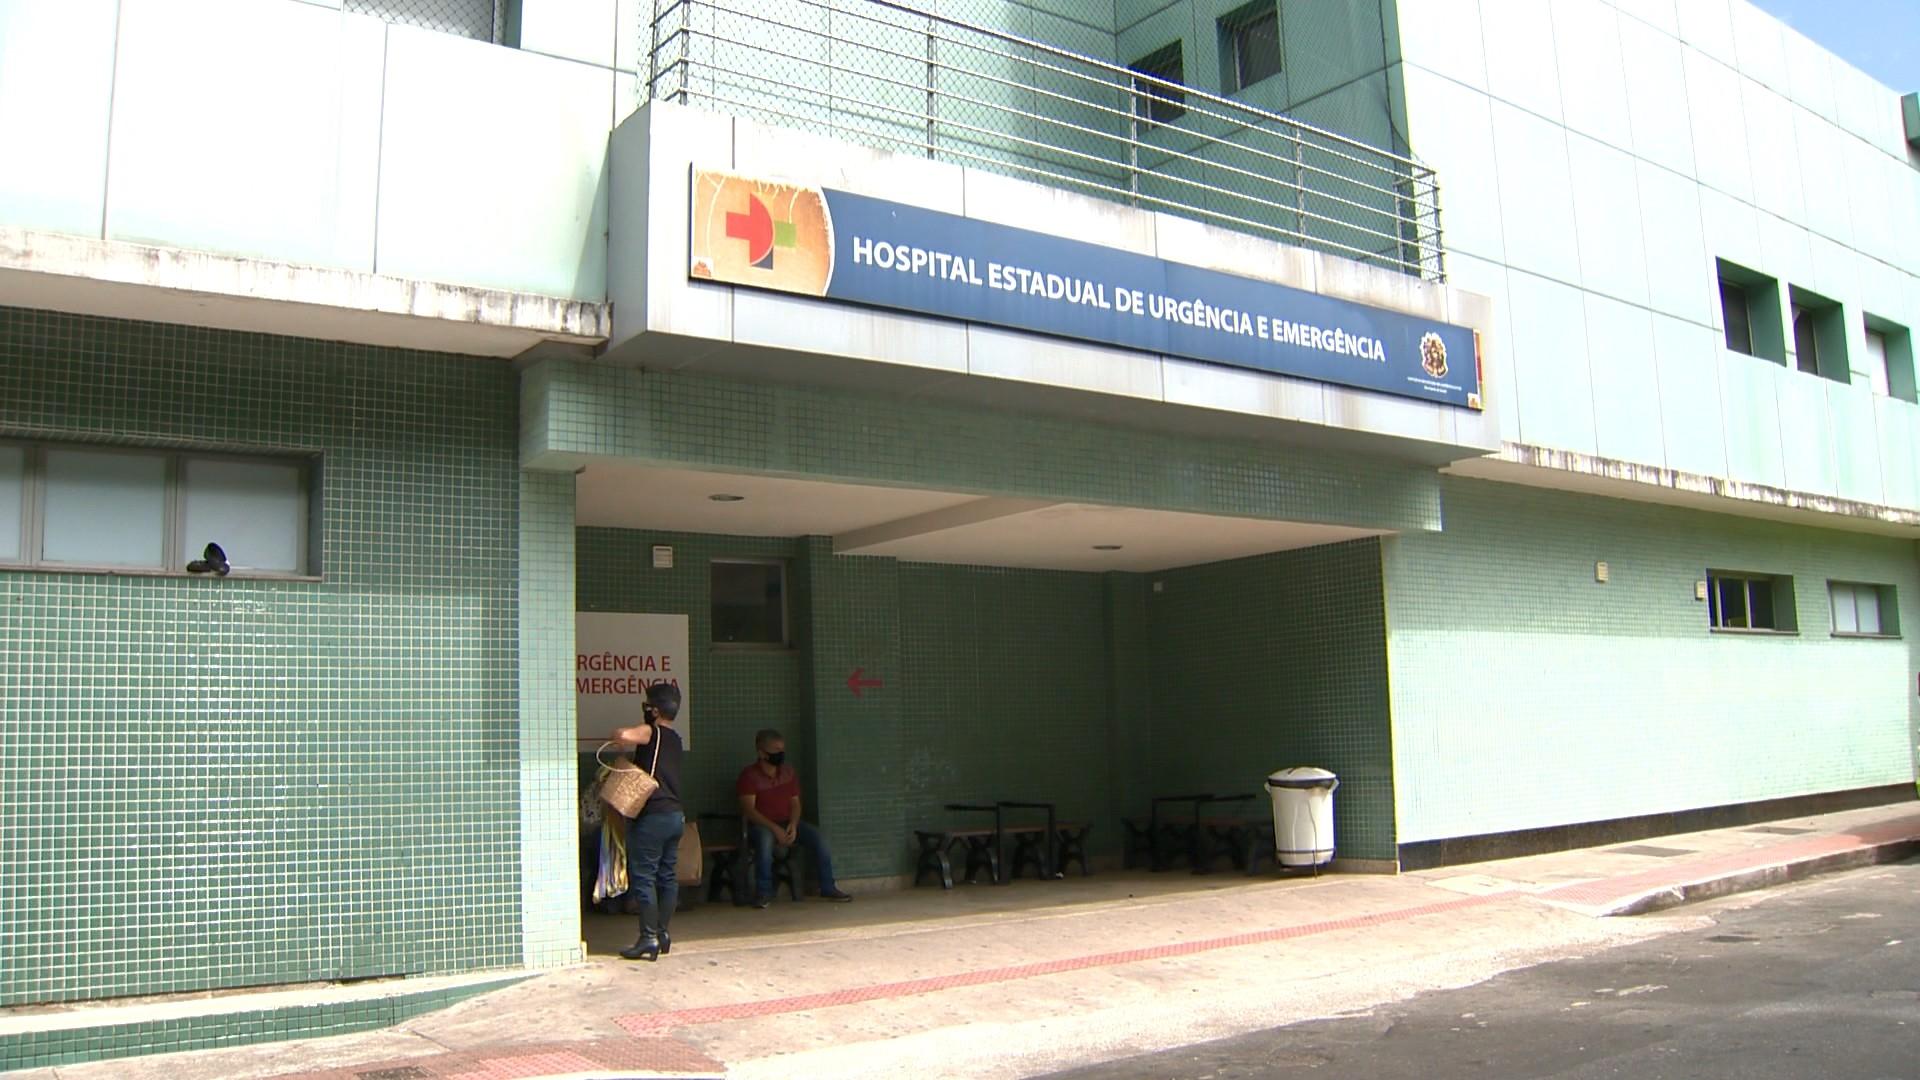 Adolescente é deixado morto em cadeira de rodas na porta de hospital em Vitória